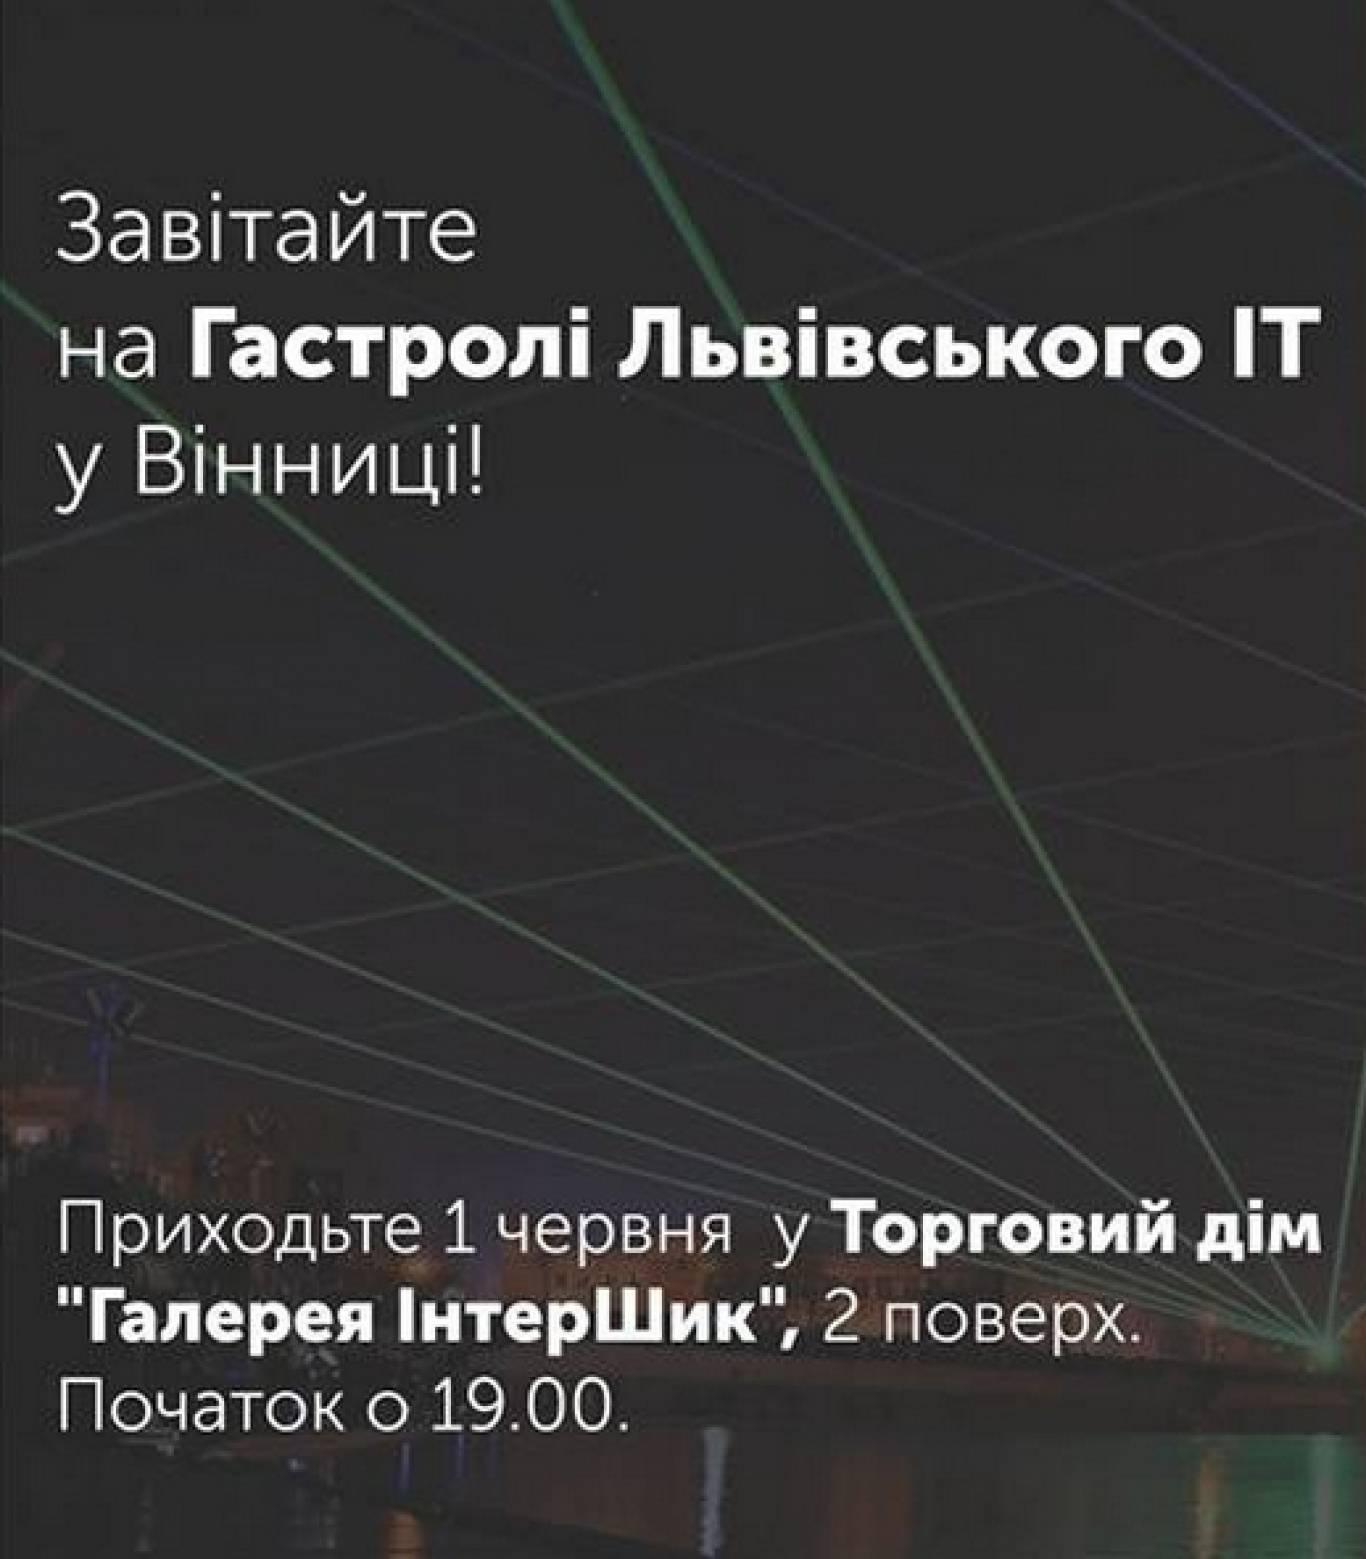 Гастролі Львівських ІТ у Вінниці